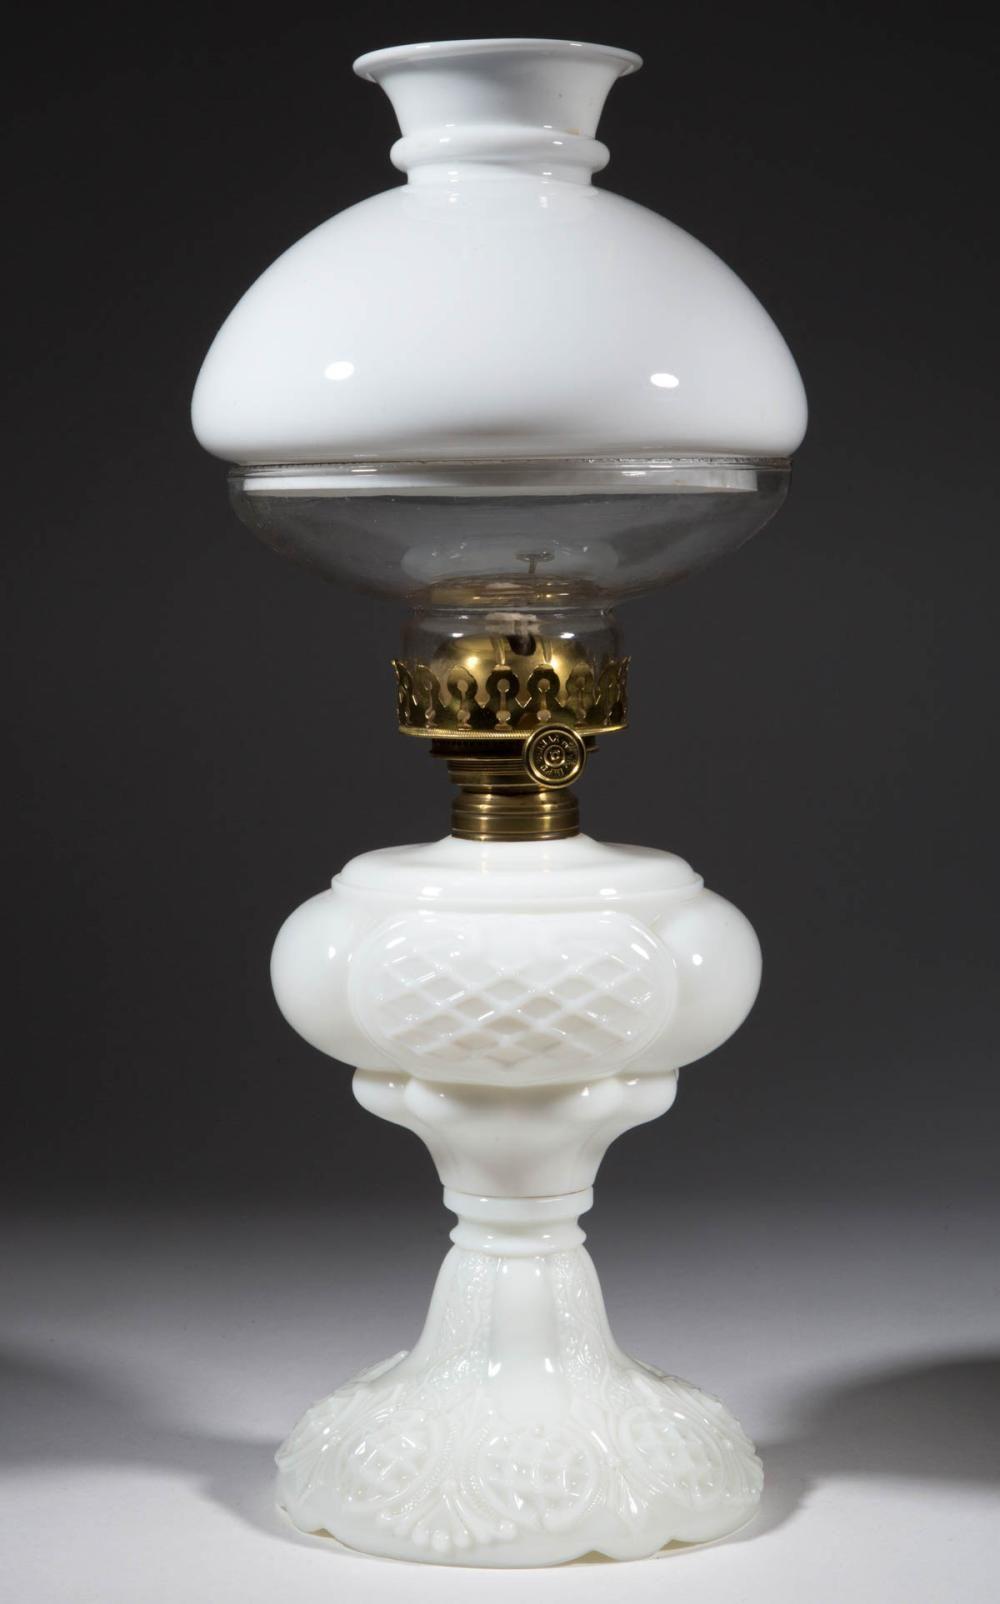 Prince Edward Kerosene Massive Stand Lamp Oillamp Light Lighting Lamp Antique Lamps Oil Lamps